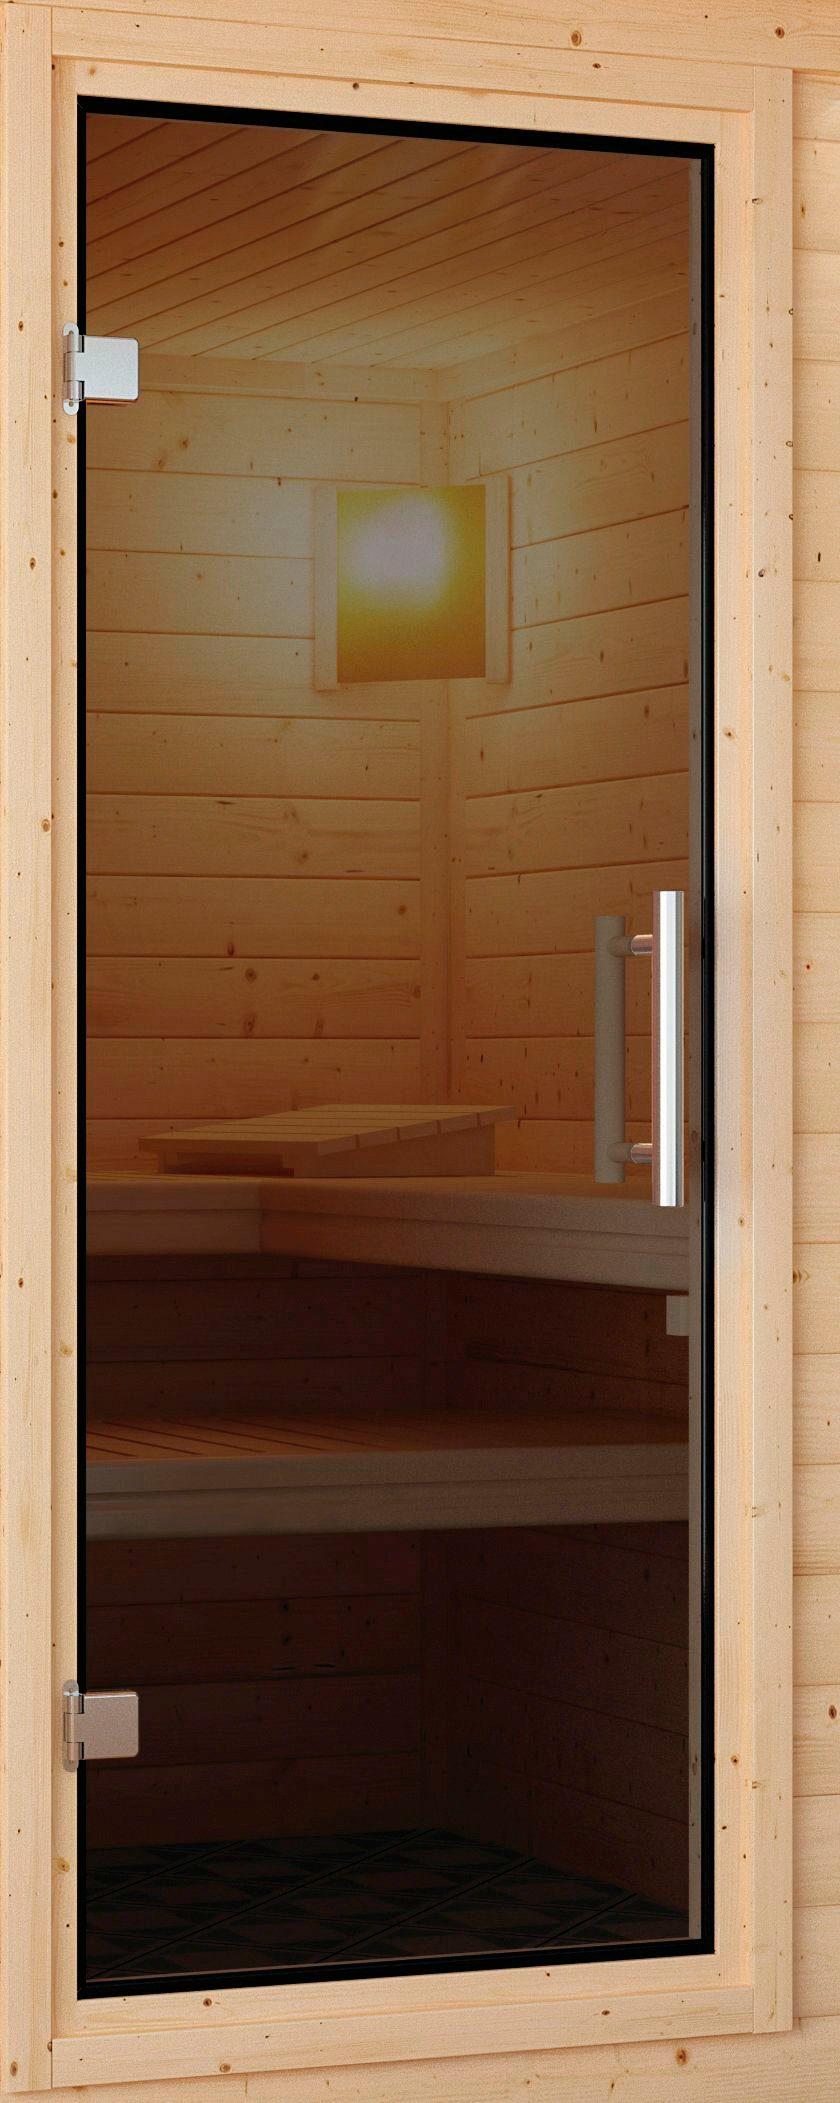 Saunatür, für 68 mm Sauna, BxH: 64x173 cm